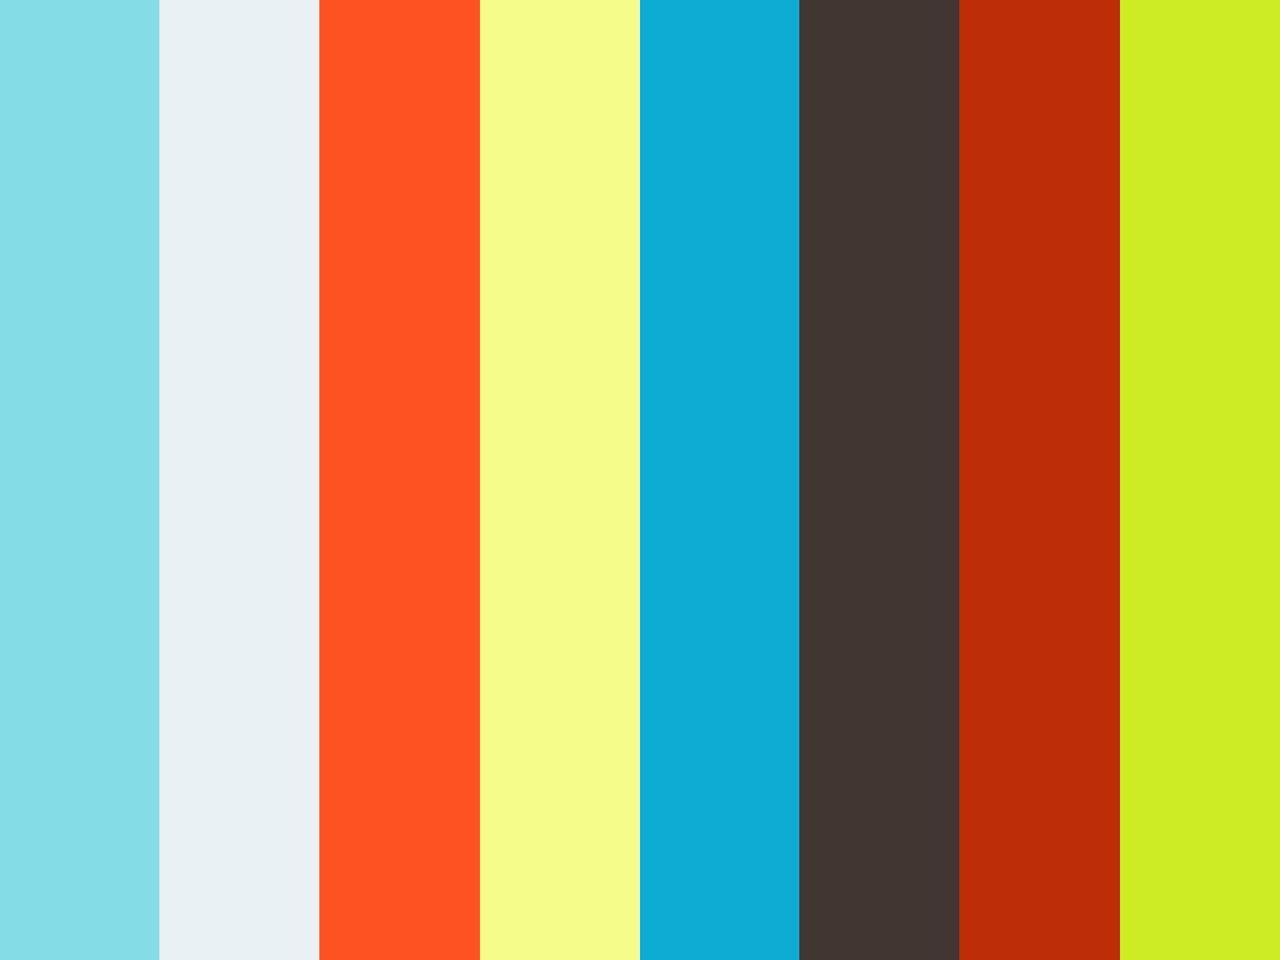 KLEE_Klee Performance